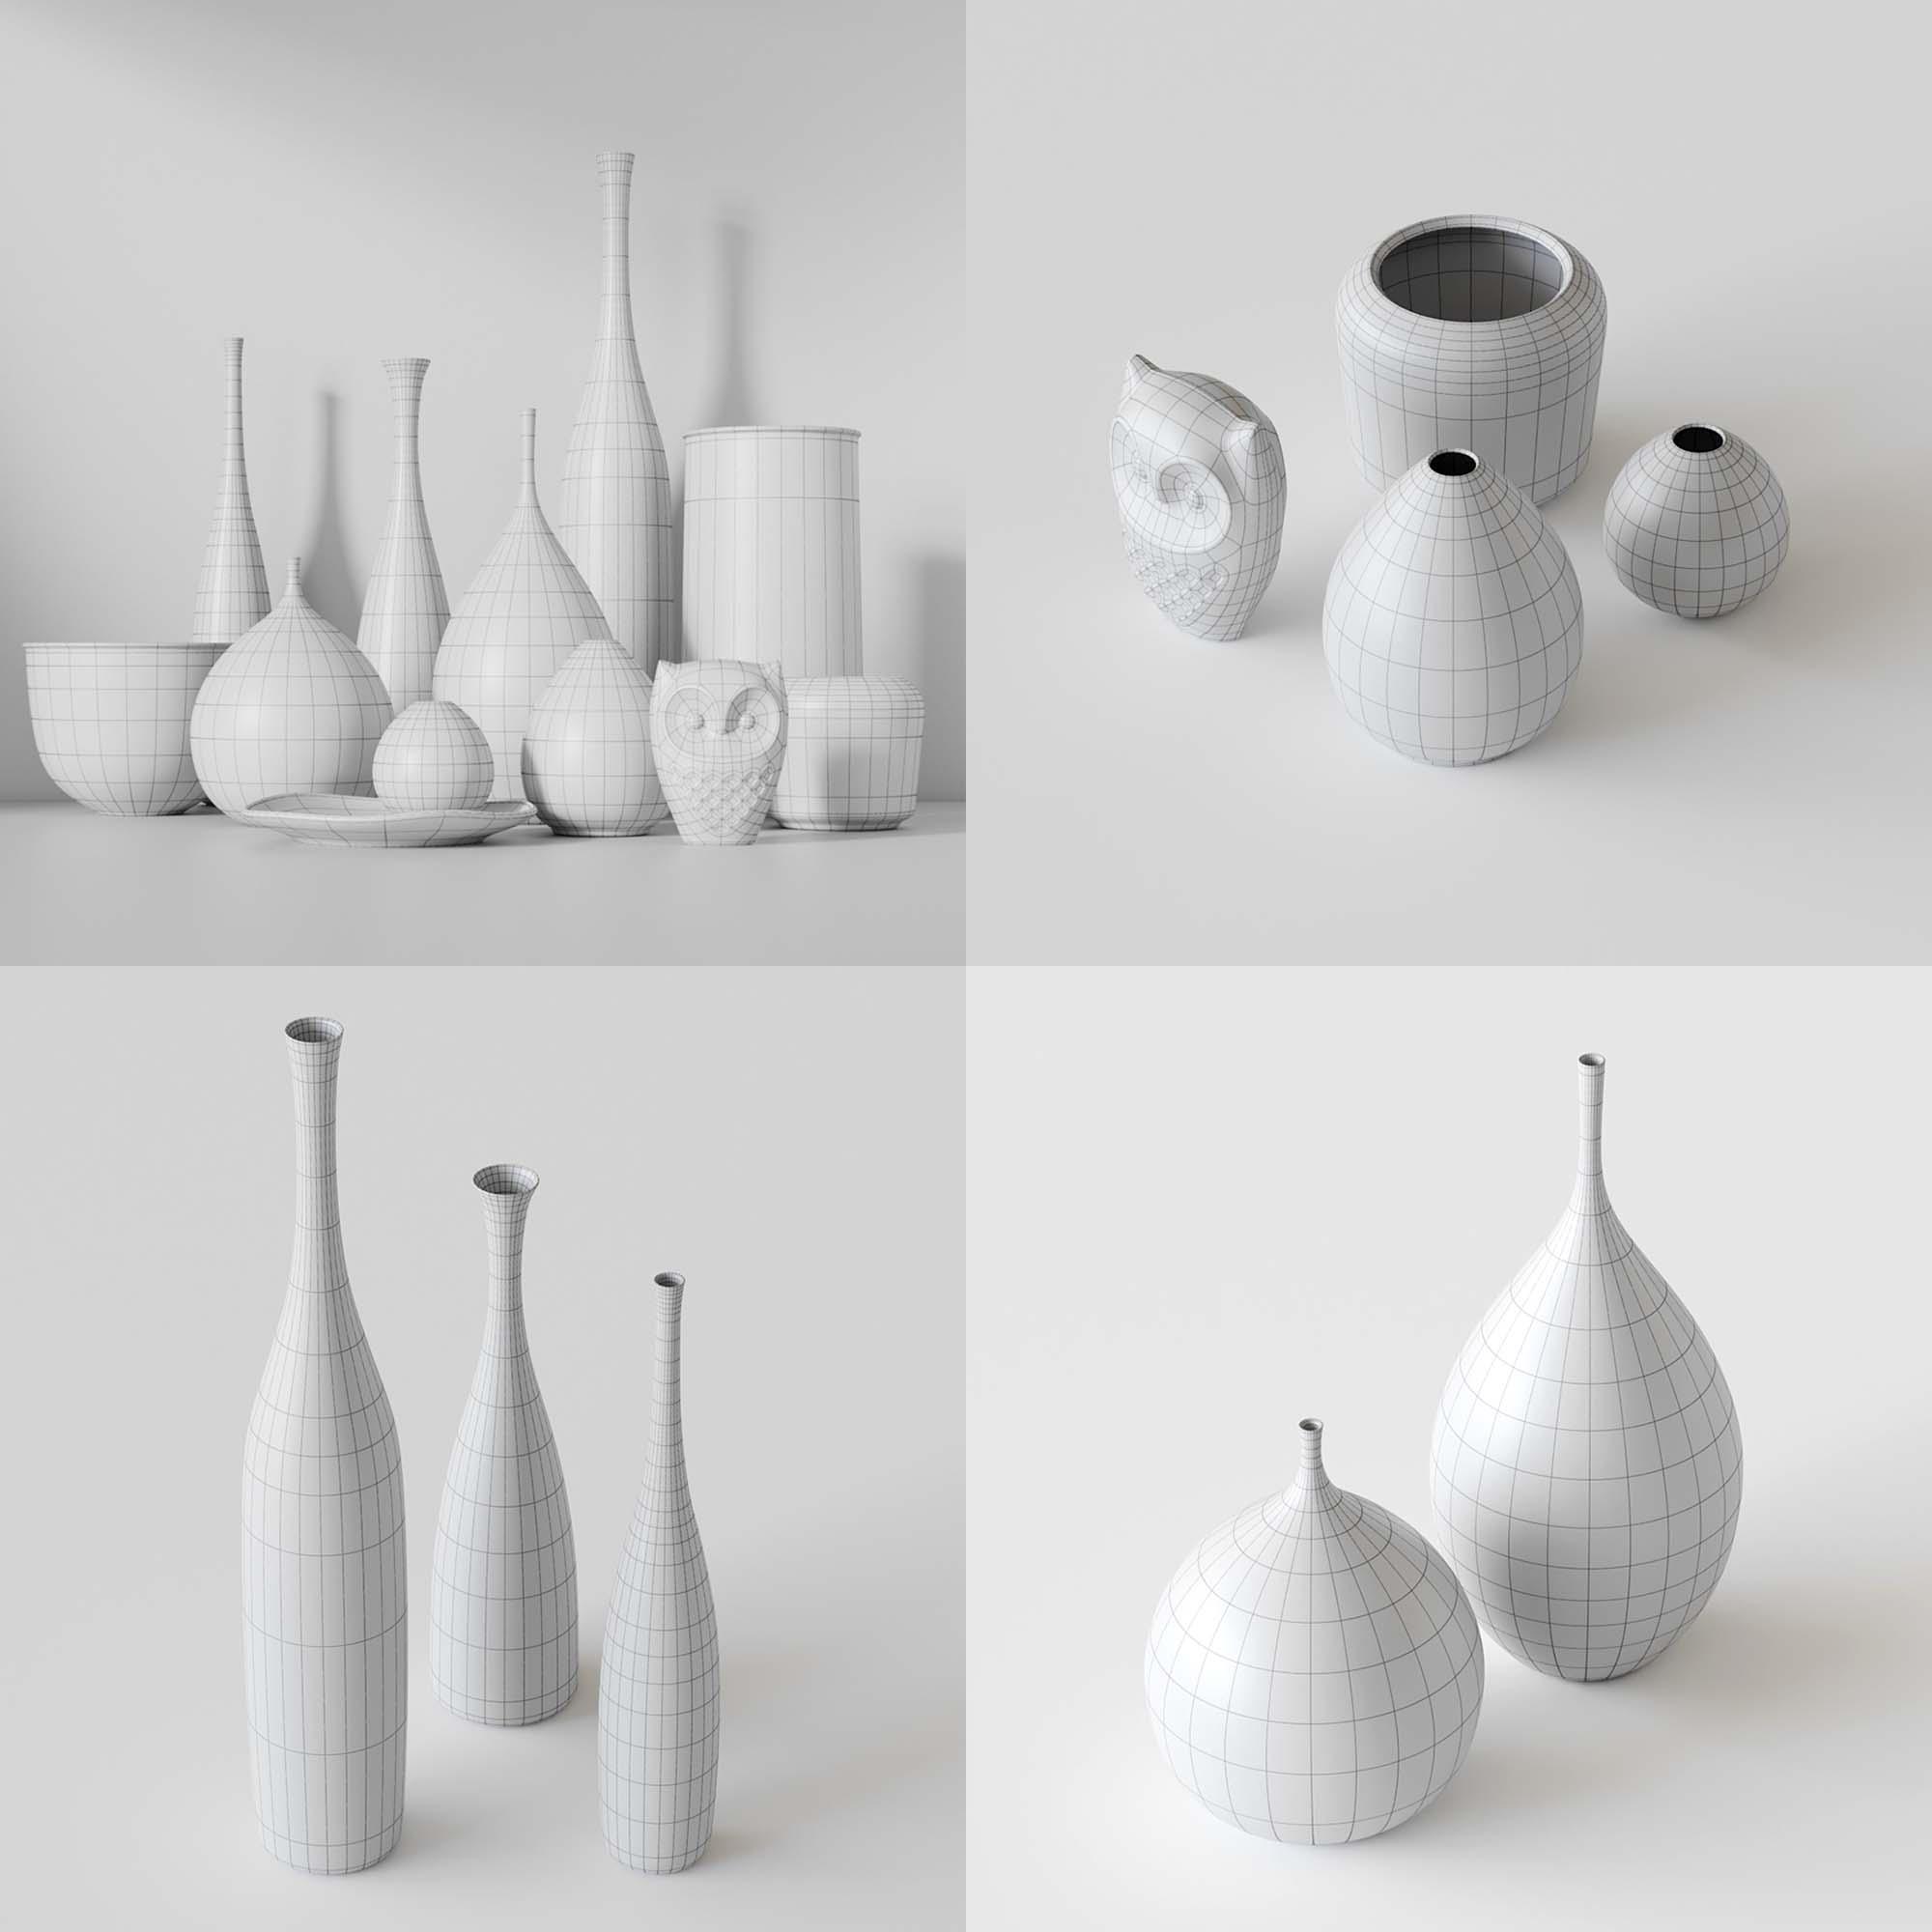 Vase Set 3D Models 3